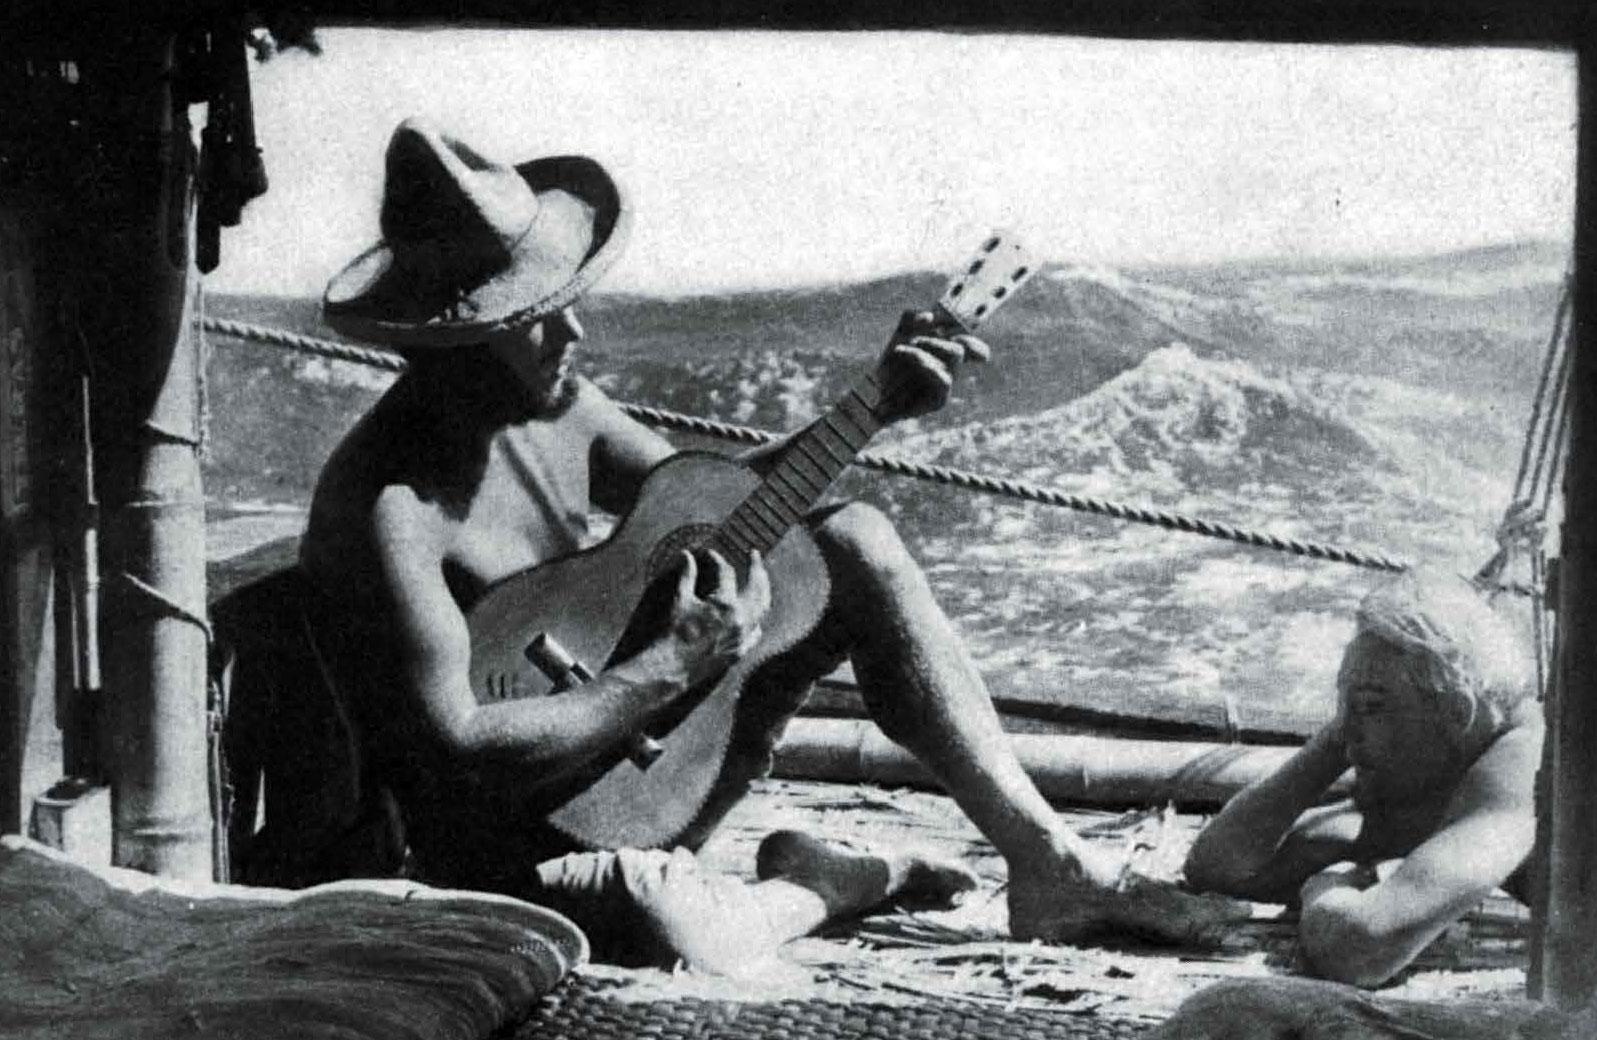 Kon Tiki: Hesselberg singing